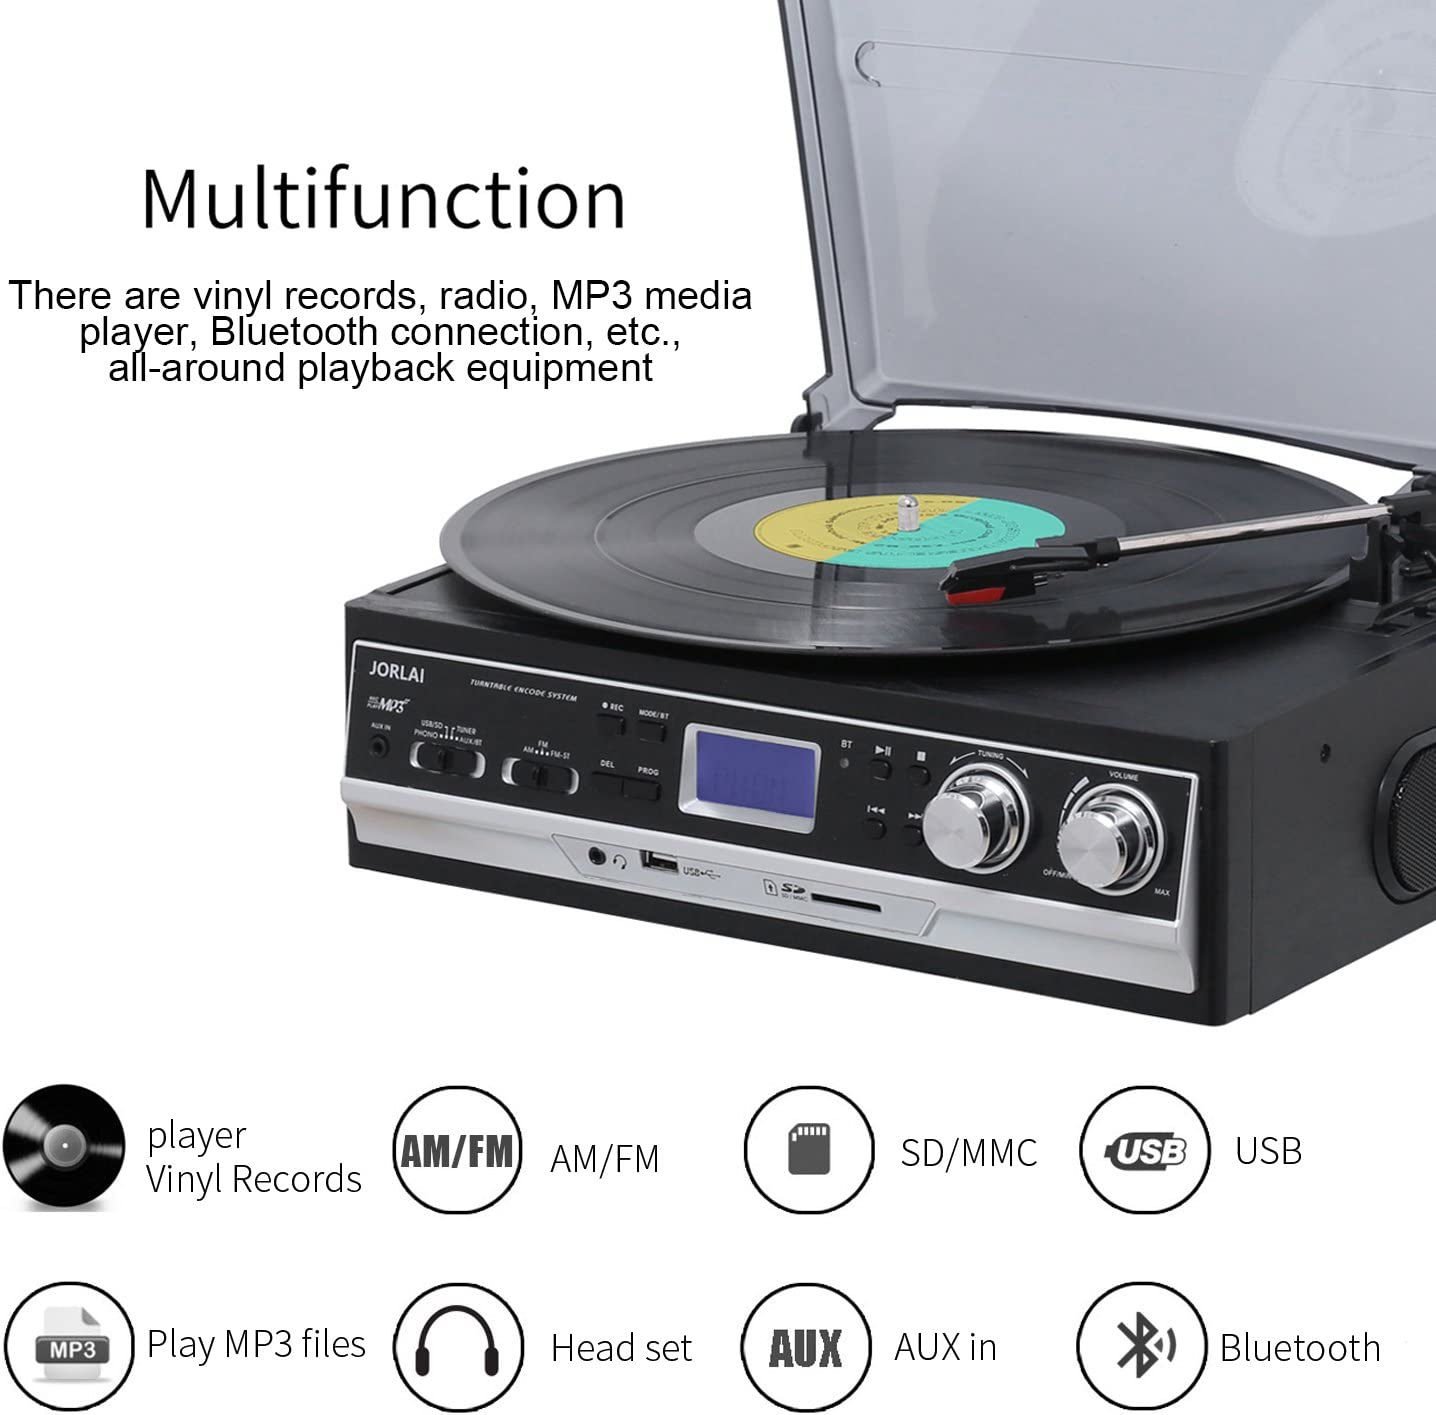 yuanmaoao 33 45 78 RPM LP disco de vinilo tocadiscos fono tac/ómetro calibraci/ón disco estrobosc/ópico